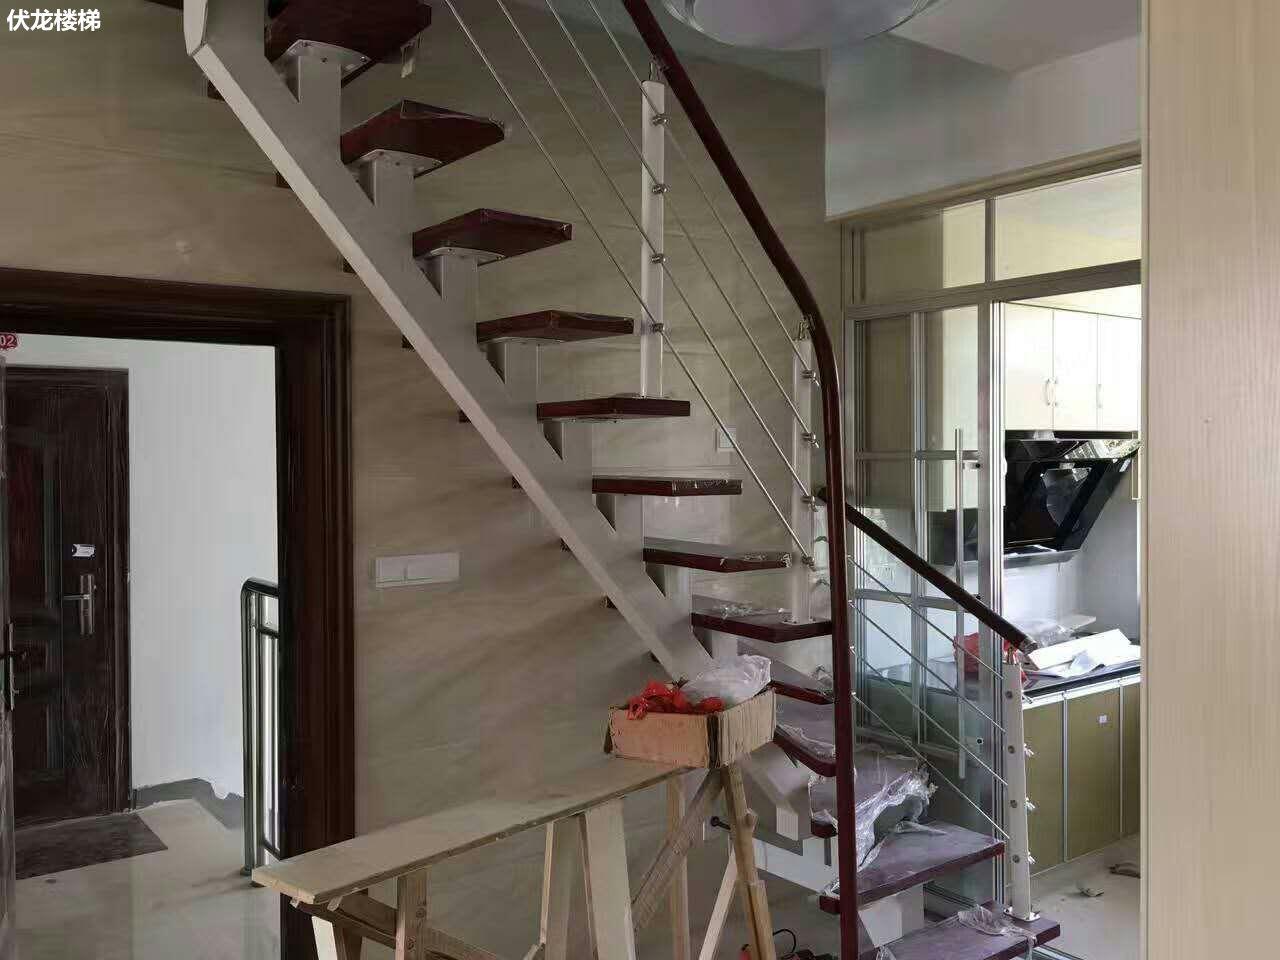 【产品12】阁楼楼梯-钢木拉丝楼梯扶手